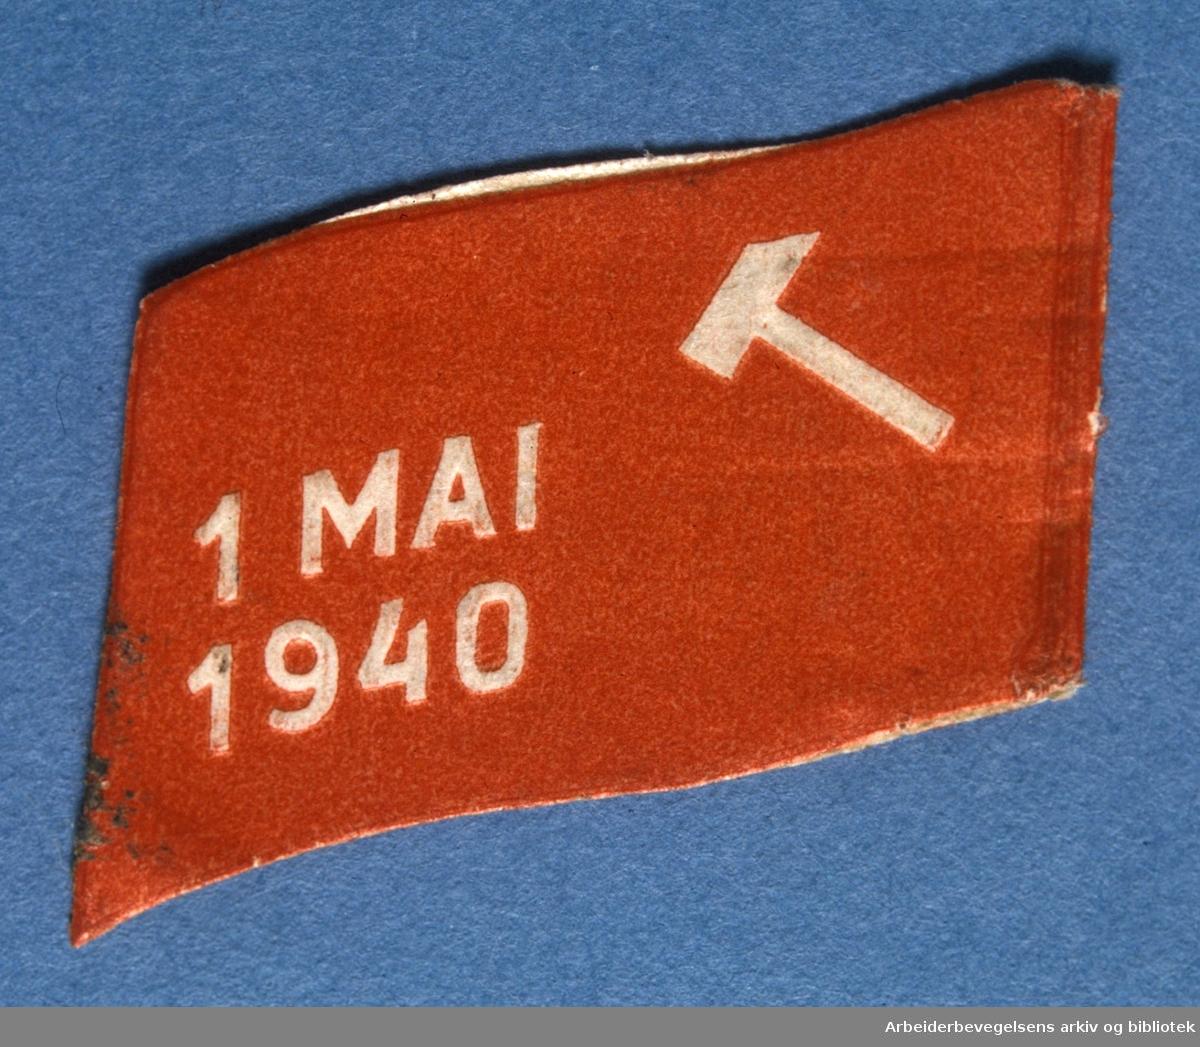 Arbeiderpartiets 1. mai-merke fra 1940 (ble aldri brukt)